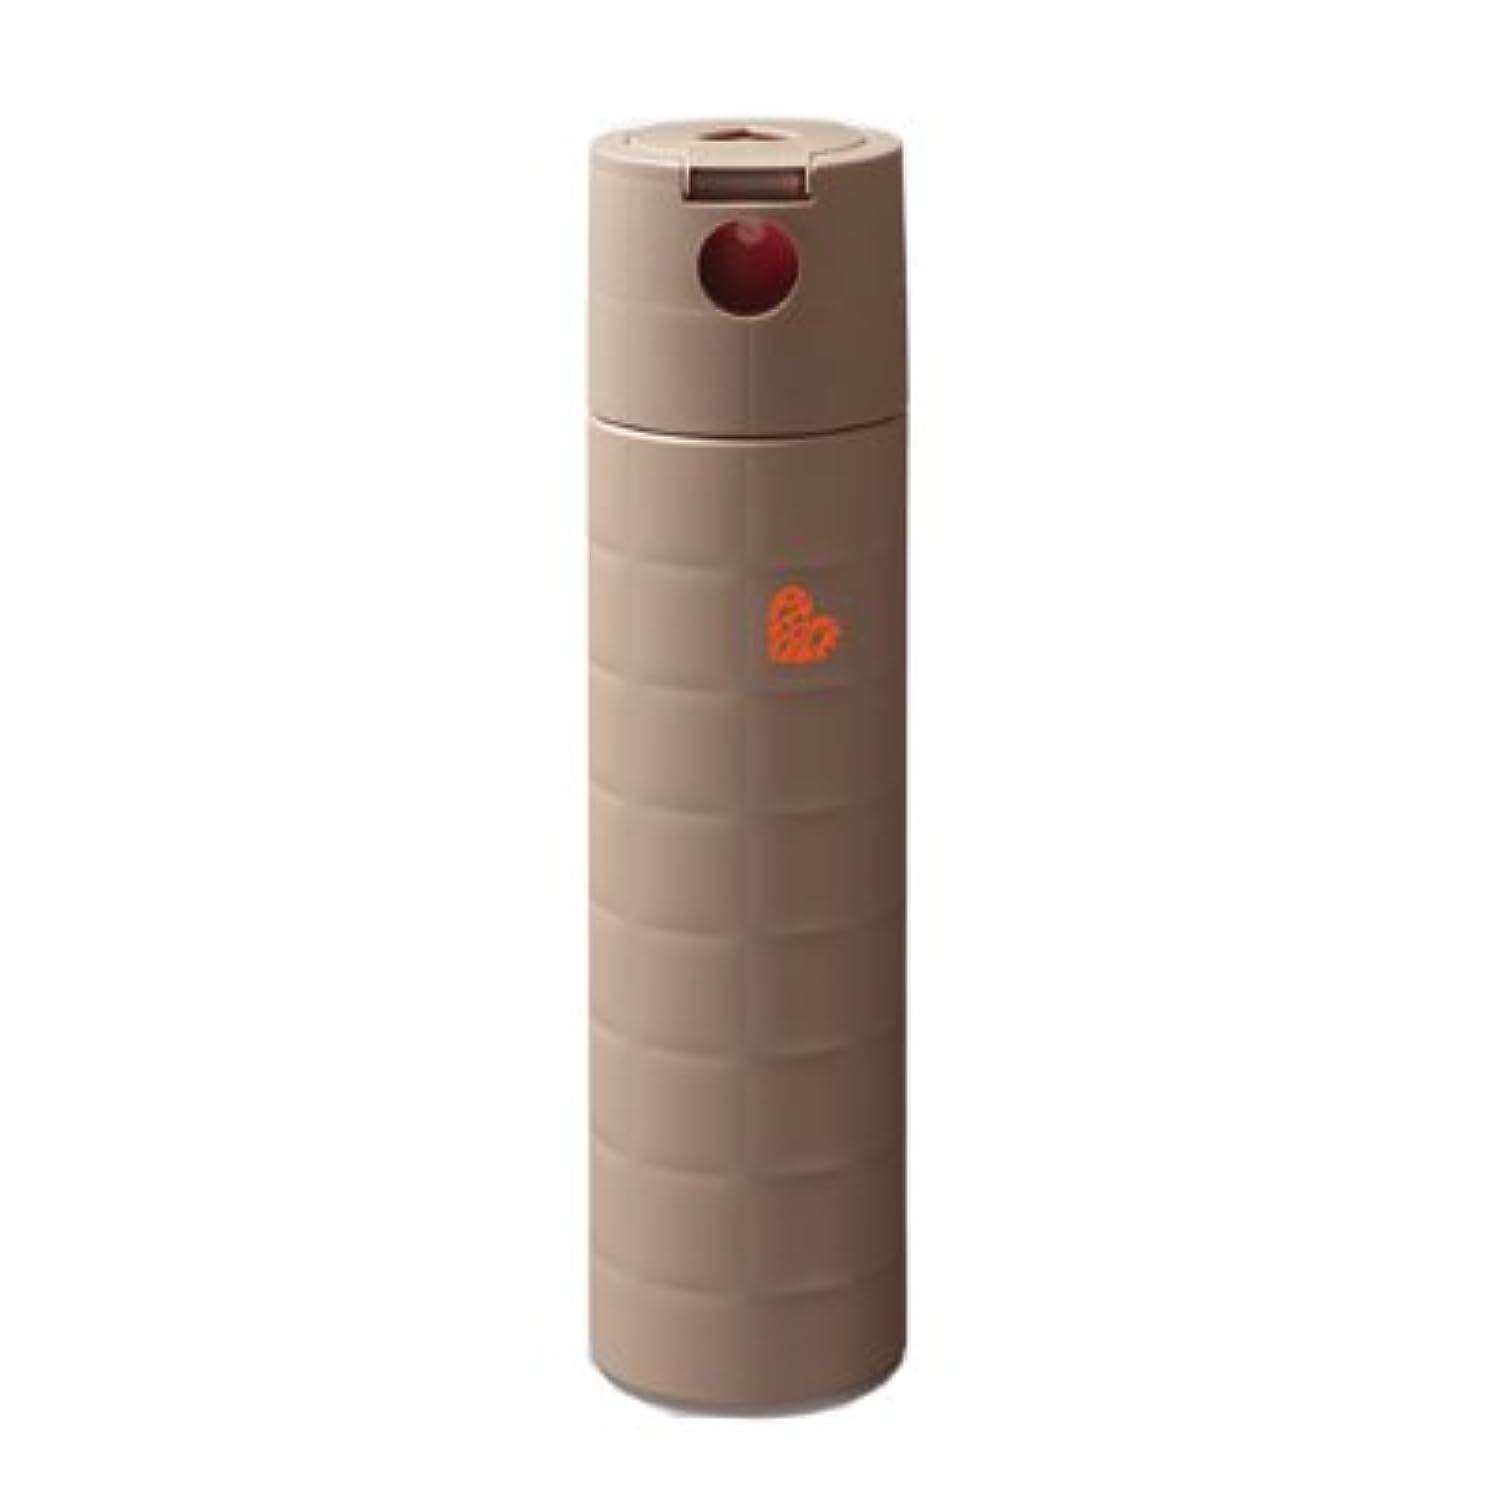 法廷火炎化合物アリミノ ピース ワックスspray カフェオレ 143g(200ml) スプレーライン ARIMINO PEACE